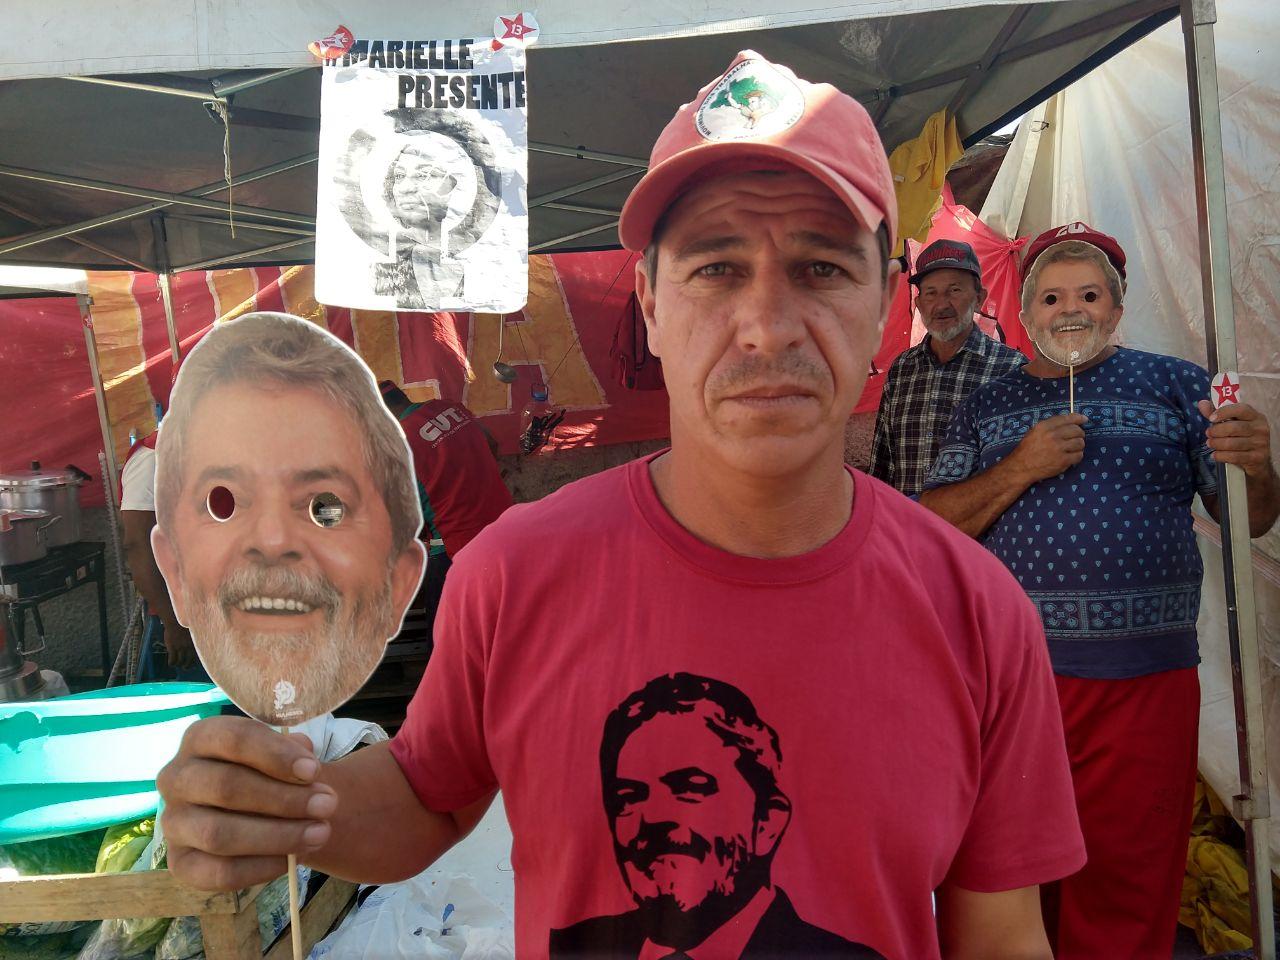 O agricultor Alcione Bernabé voltou para cidade onde mora para possibilitar que outros vizinhos venham participar da mobilização. / foto: Franciele Petry